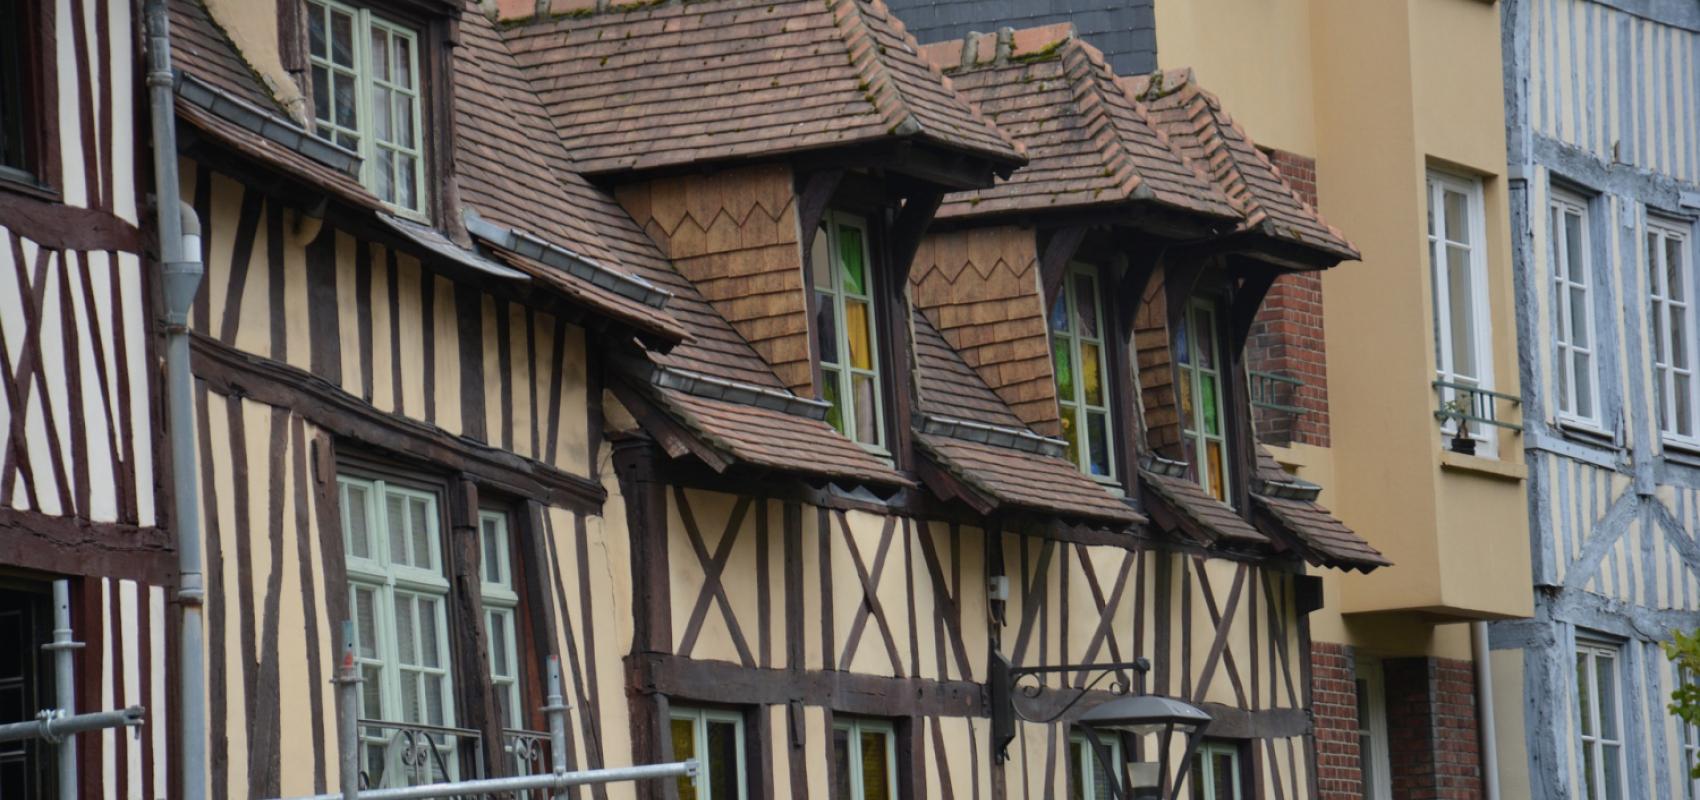 Rouen France 2